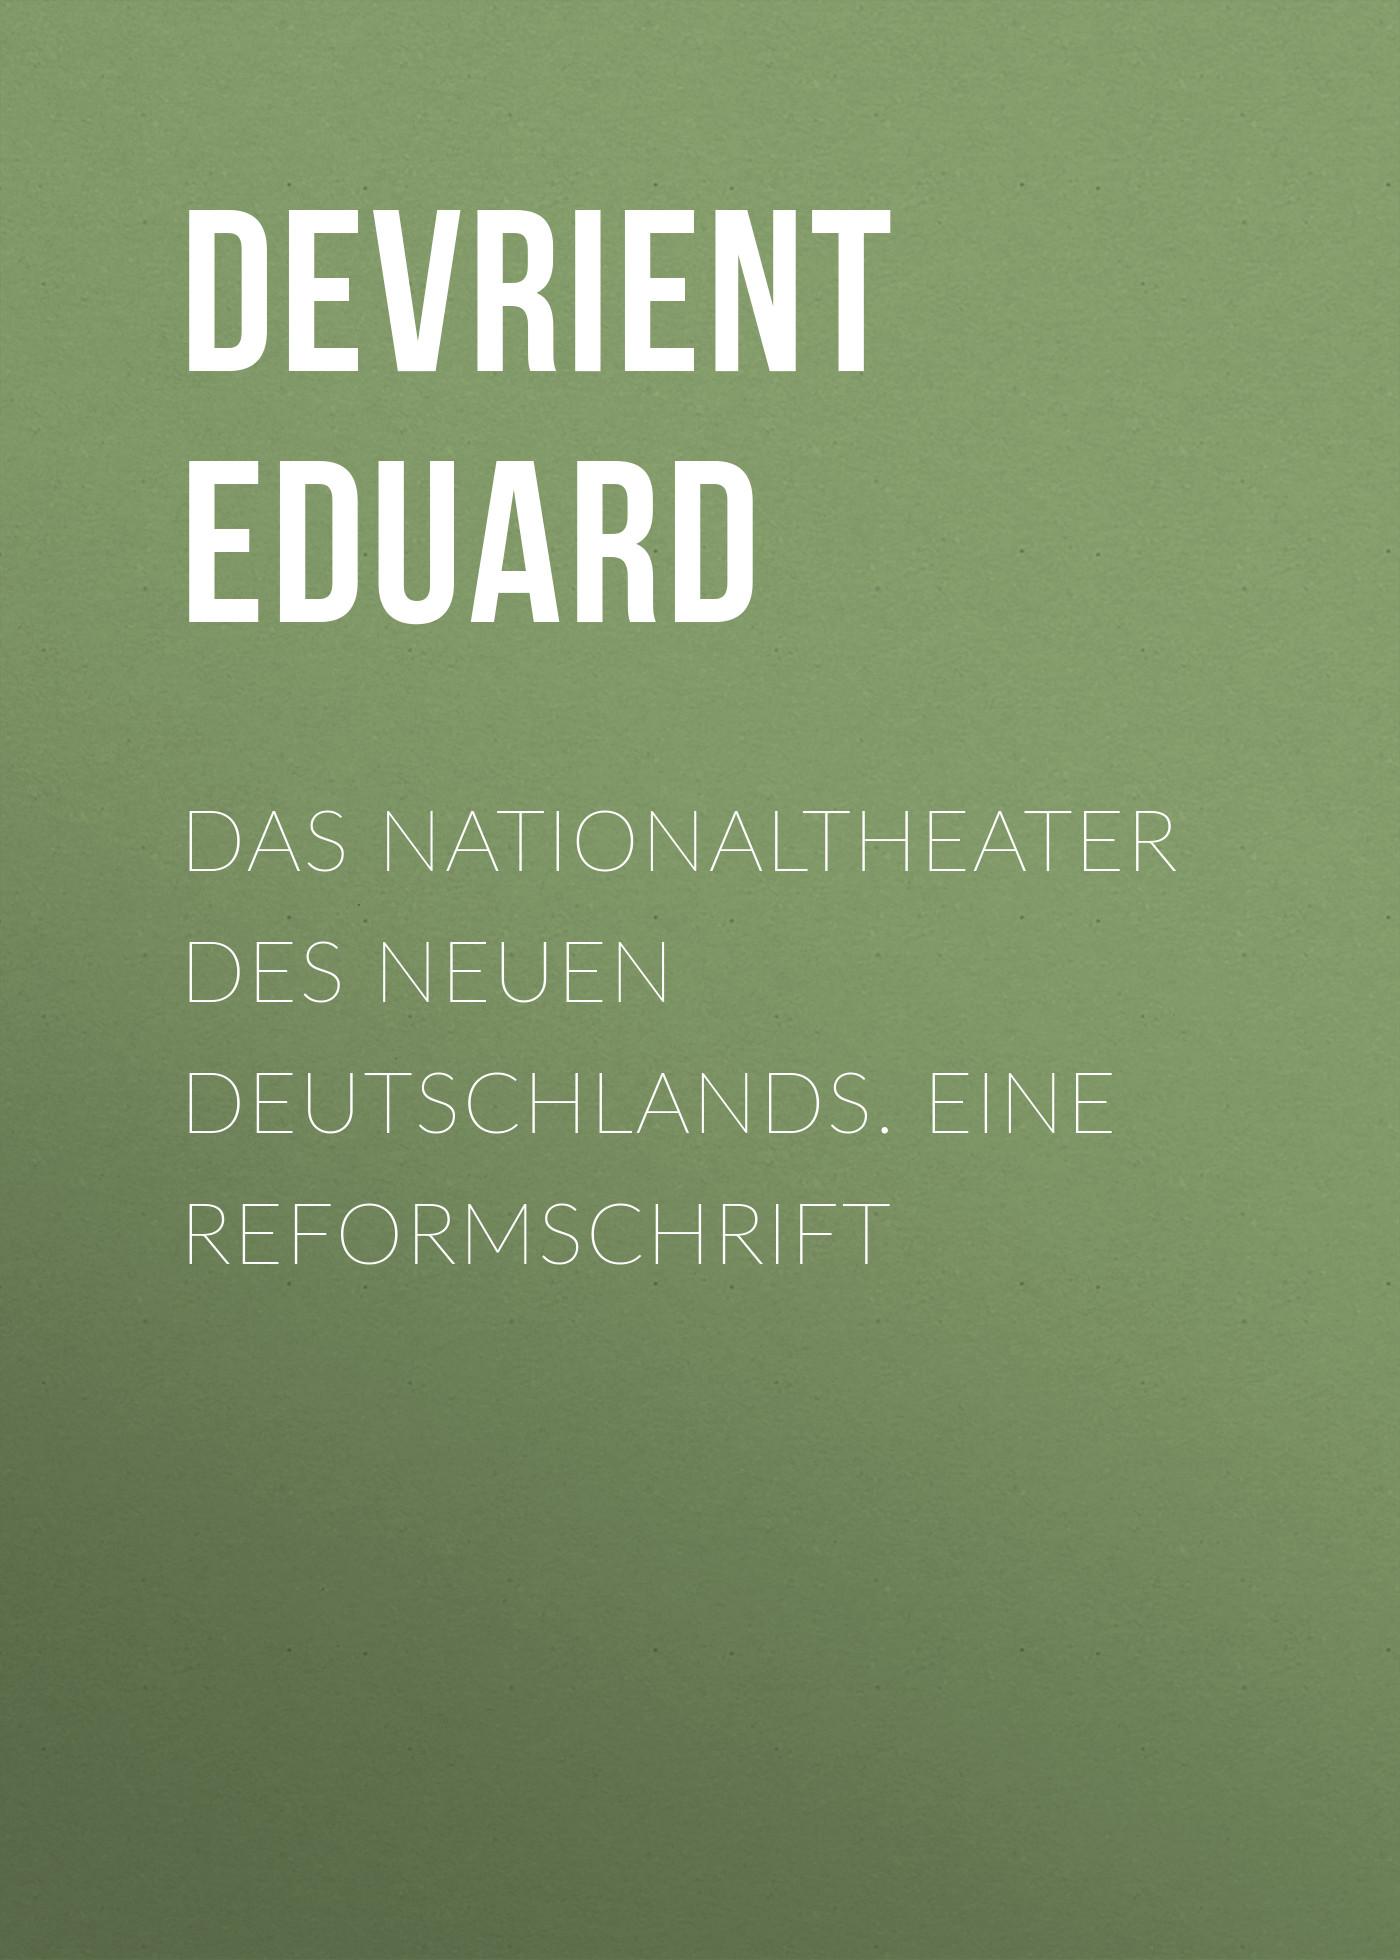 Devrient Eduard Das Nationaltheater des Neuen Deutschlands. Eine Reformschrift